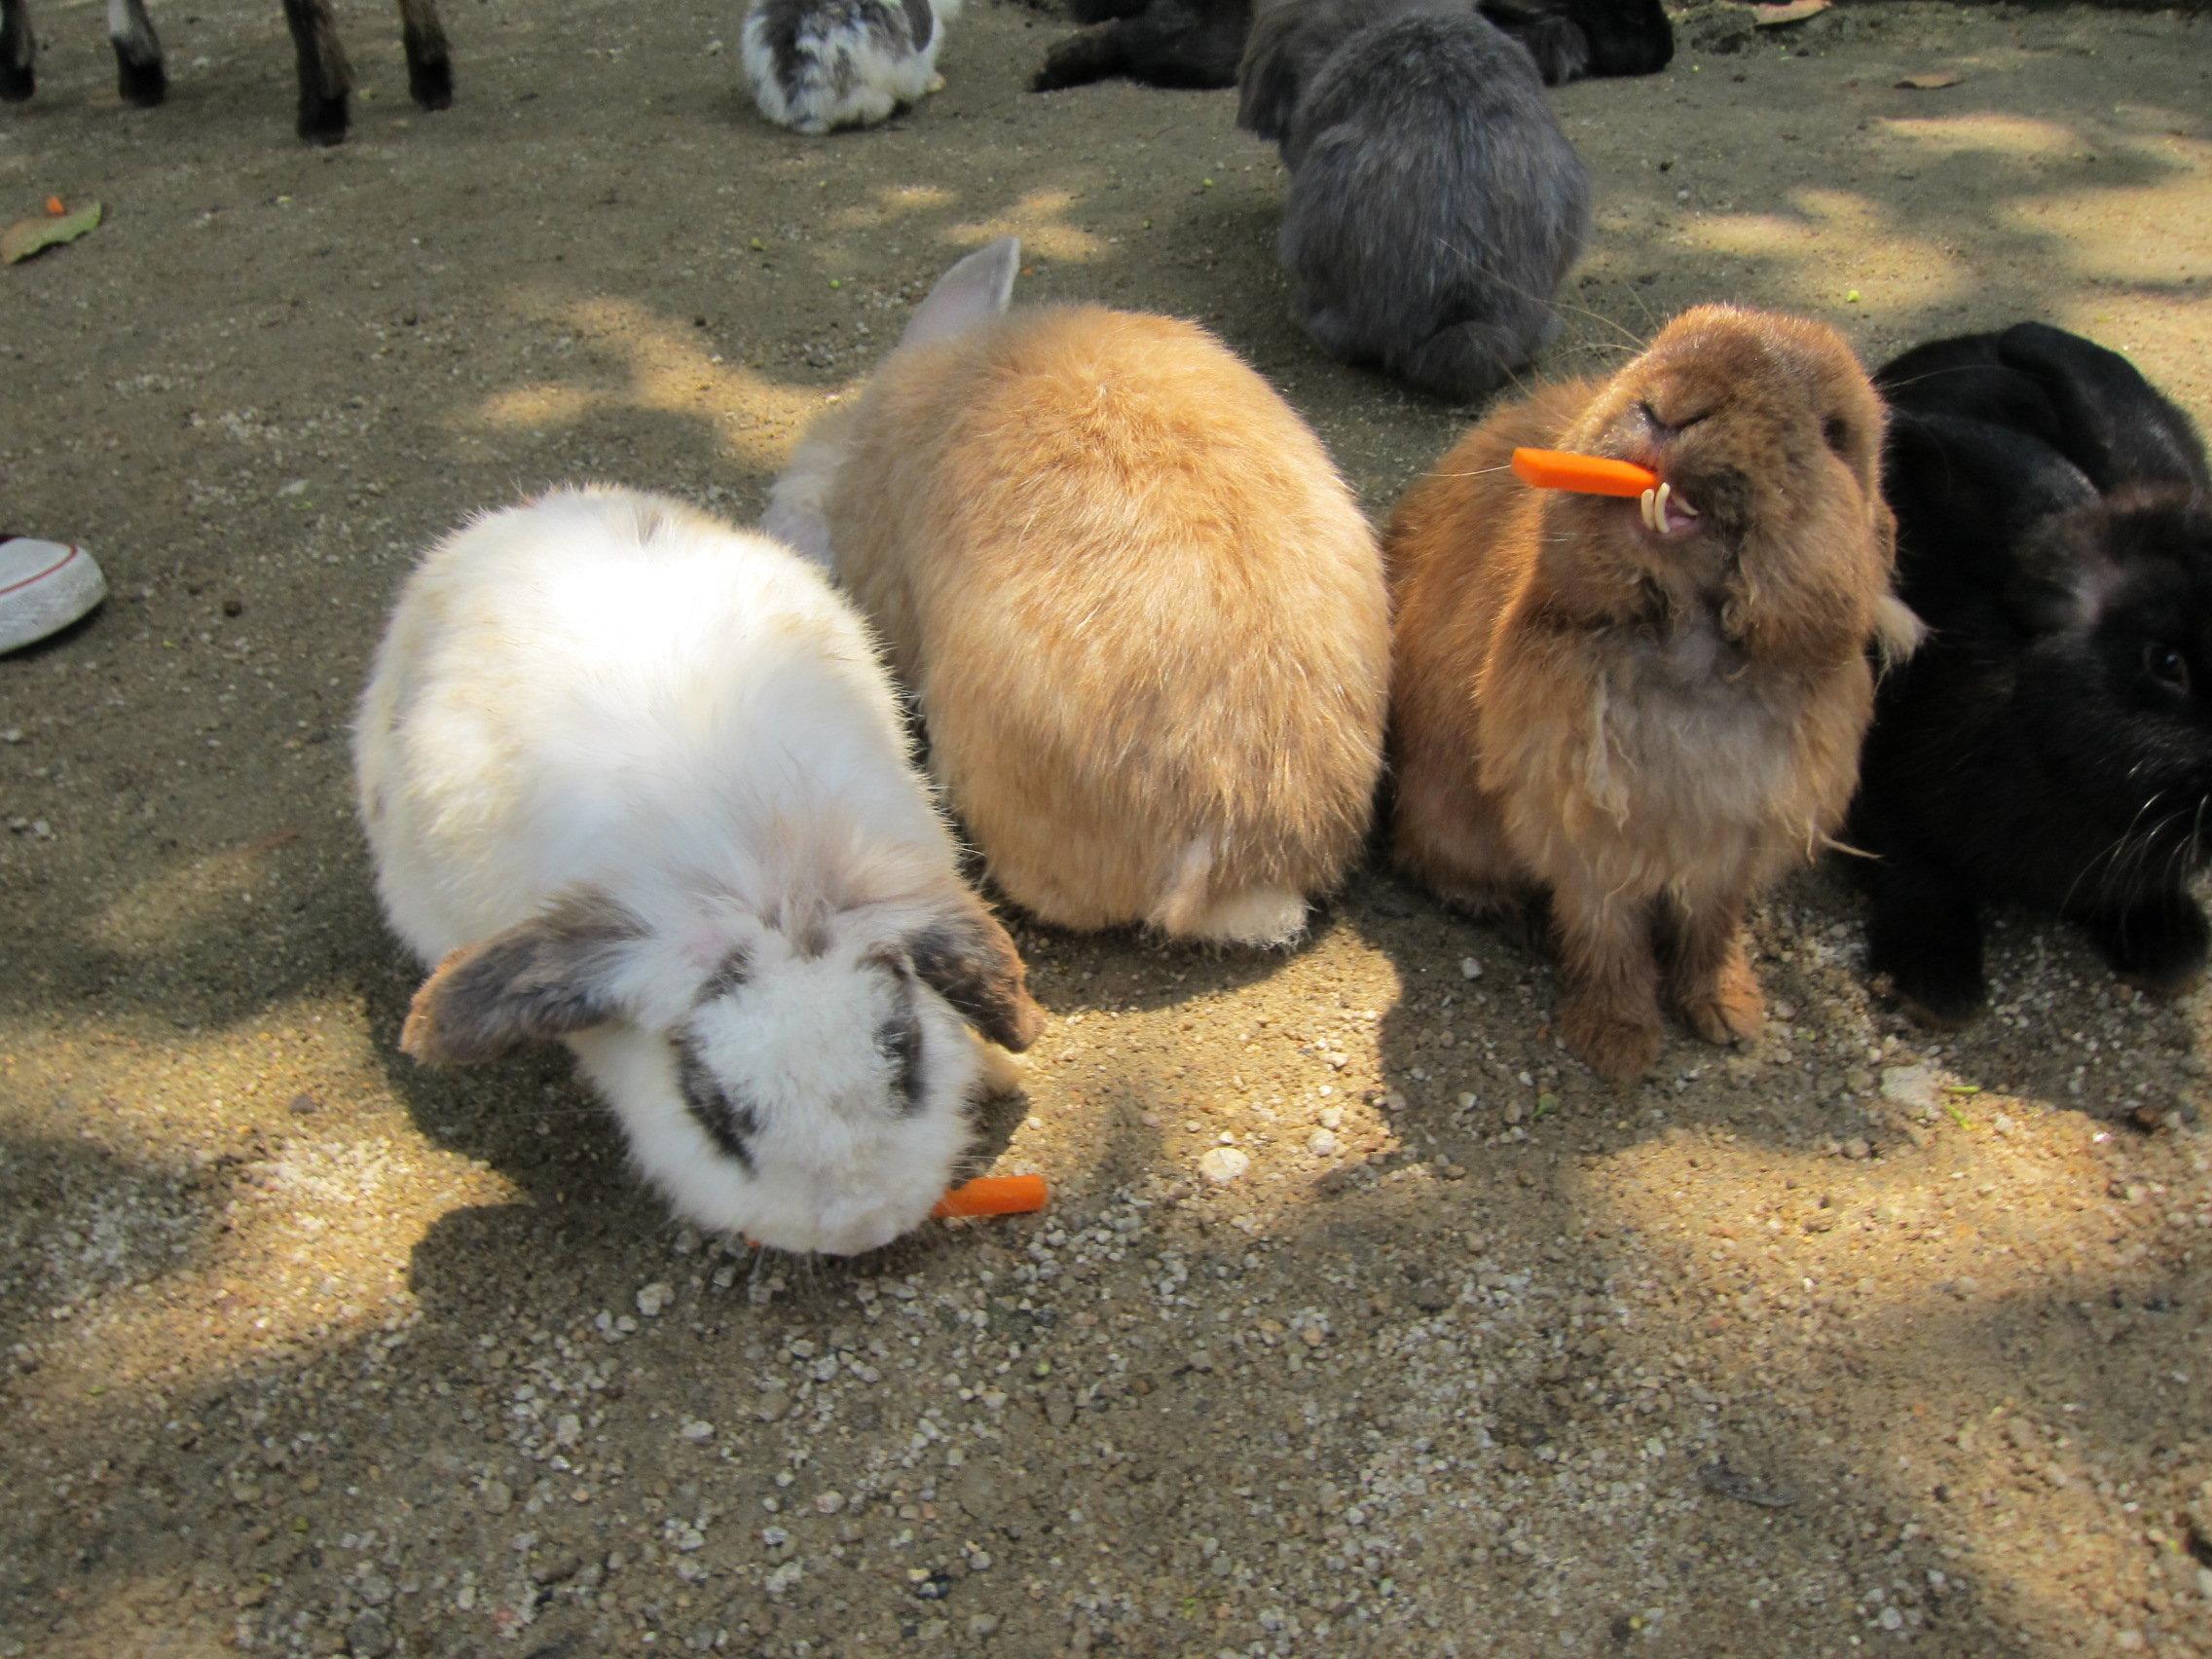 小白兔吃萝卜 兔子吃萝卜 小白兔白又白图片